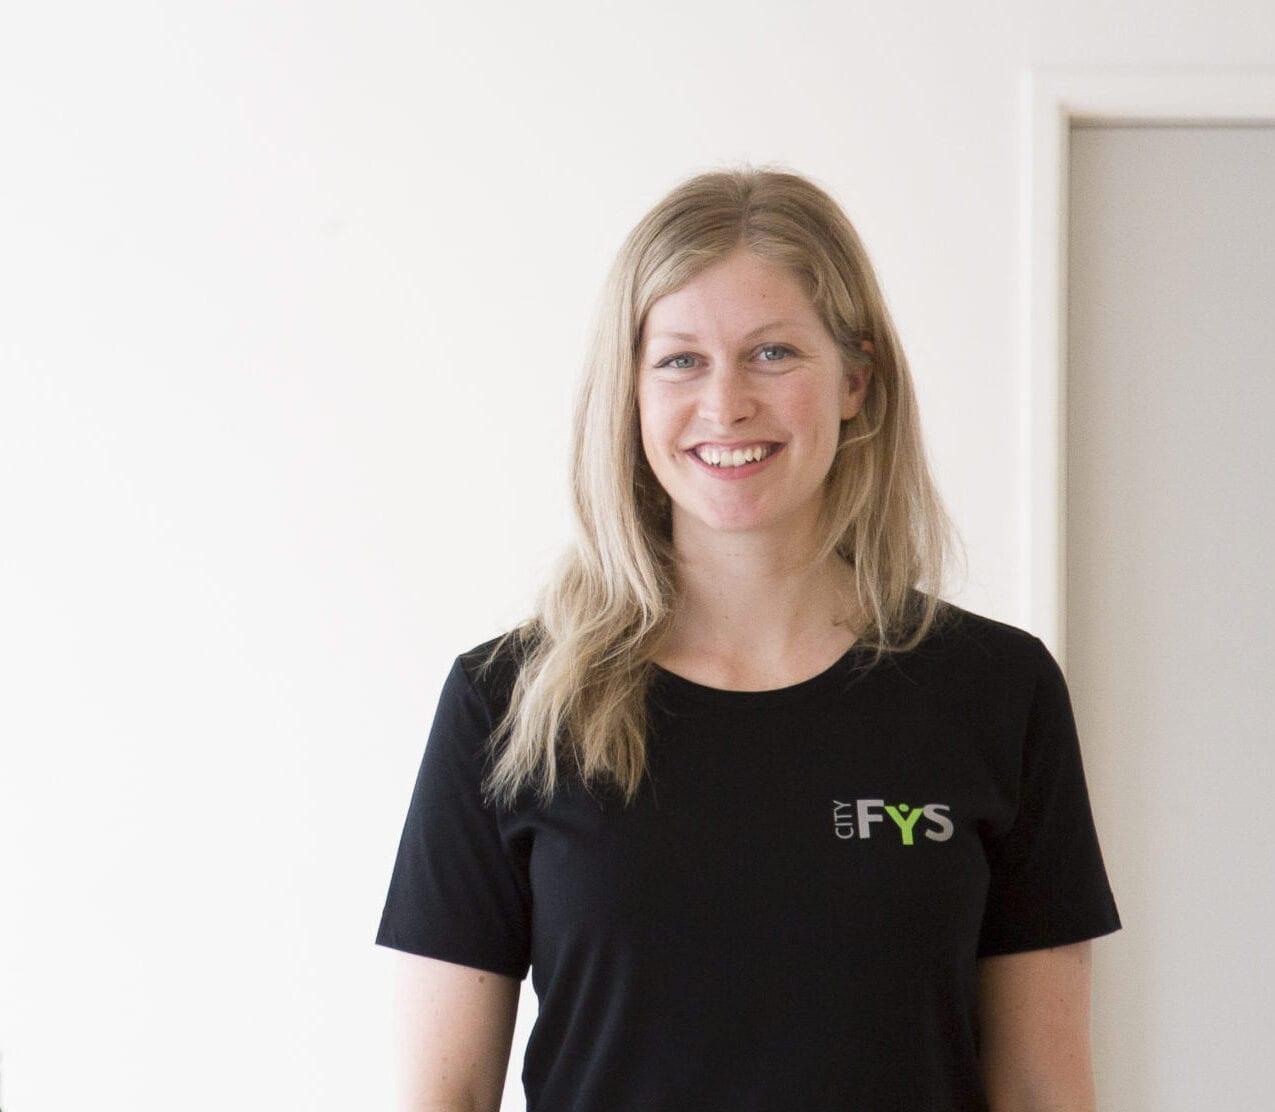 Behandler i CityFys Wellness